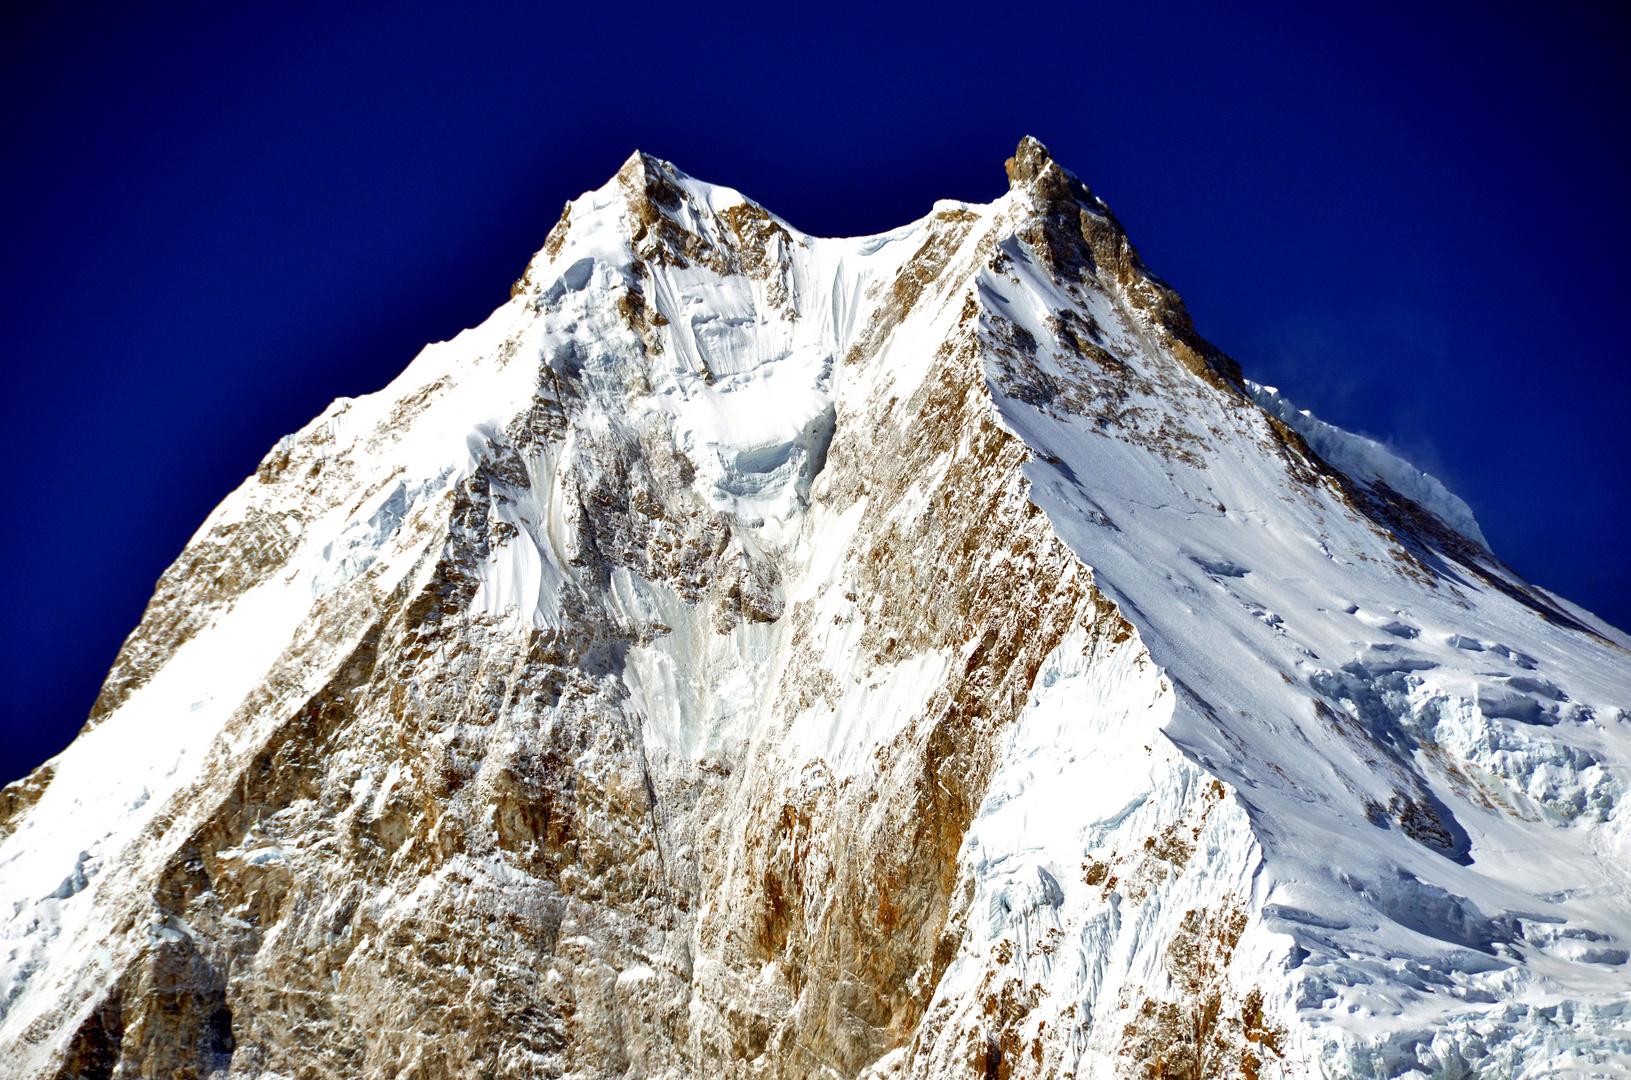 Blick zum Gipfel des Manaslu (8163 m)